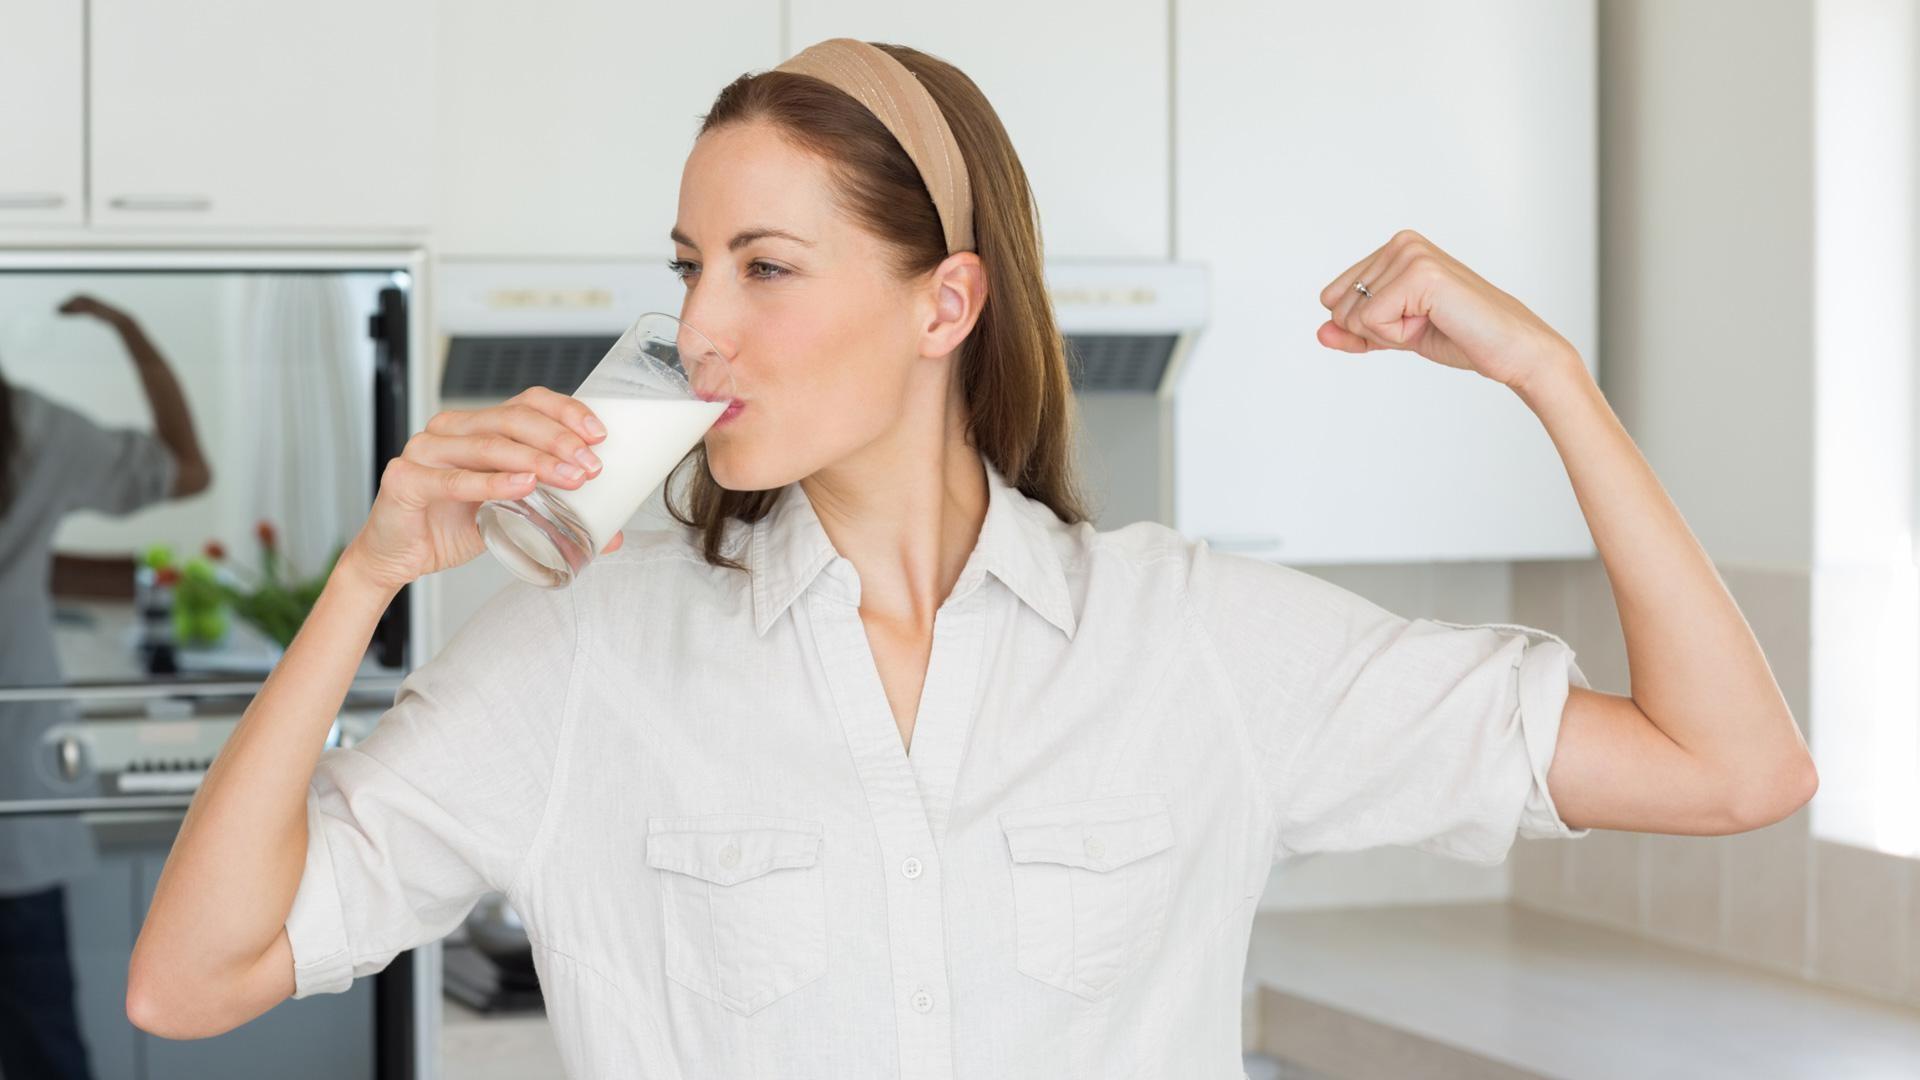 Minum Susu Plus Vitamin B12 Buat Milk Lovers yang Mau Turunkan Berat Badan